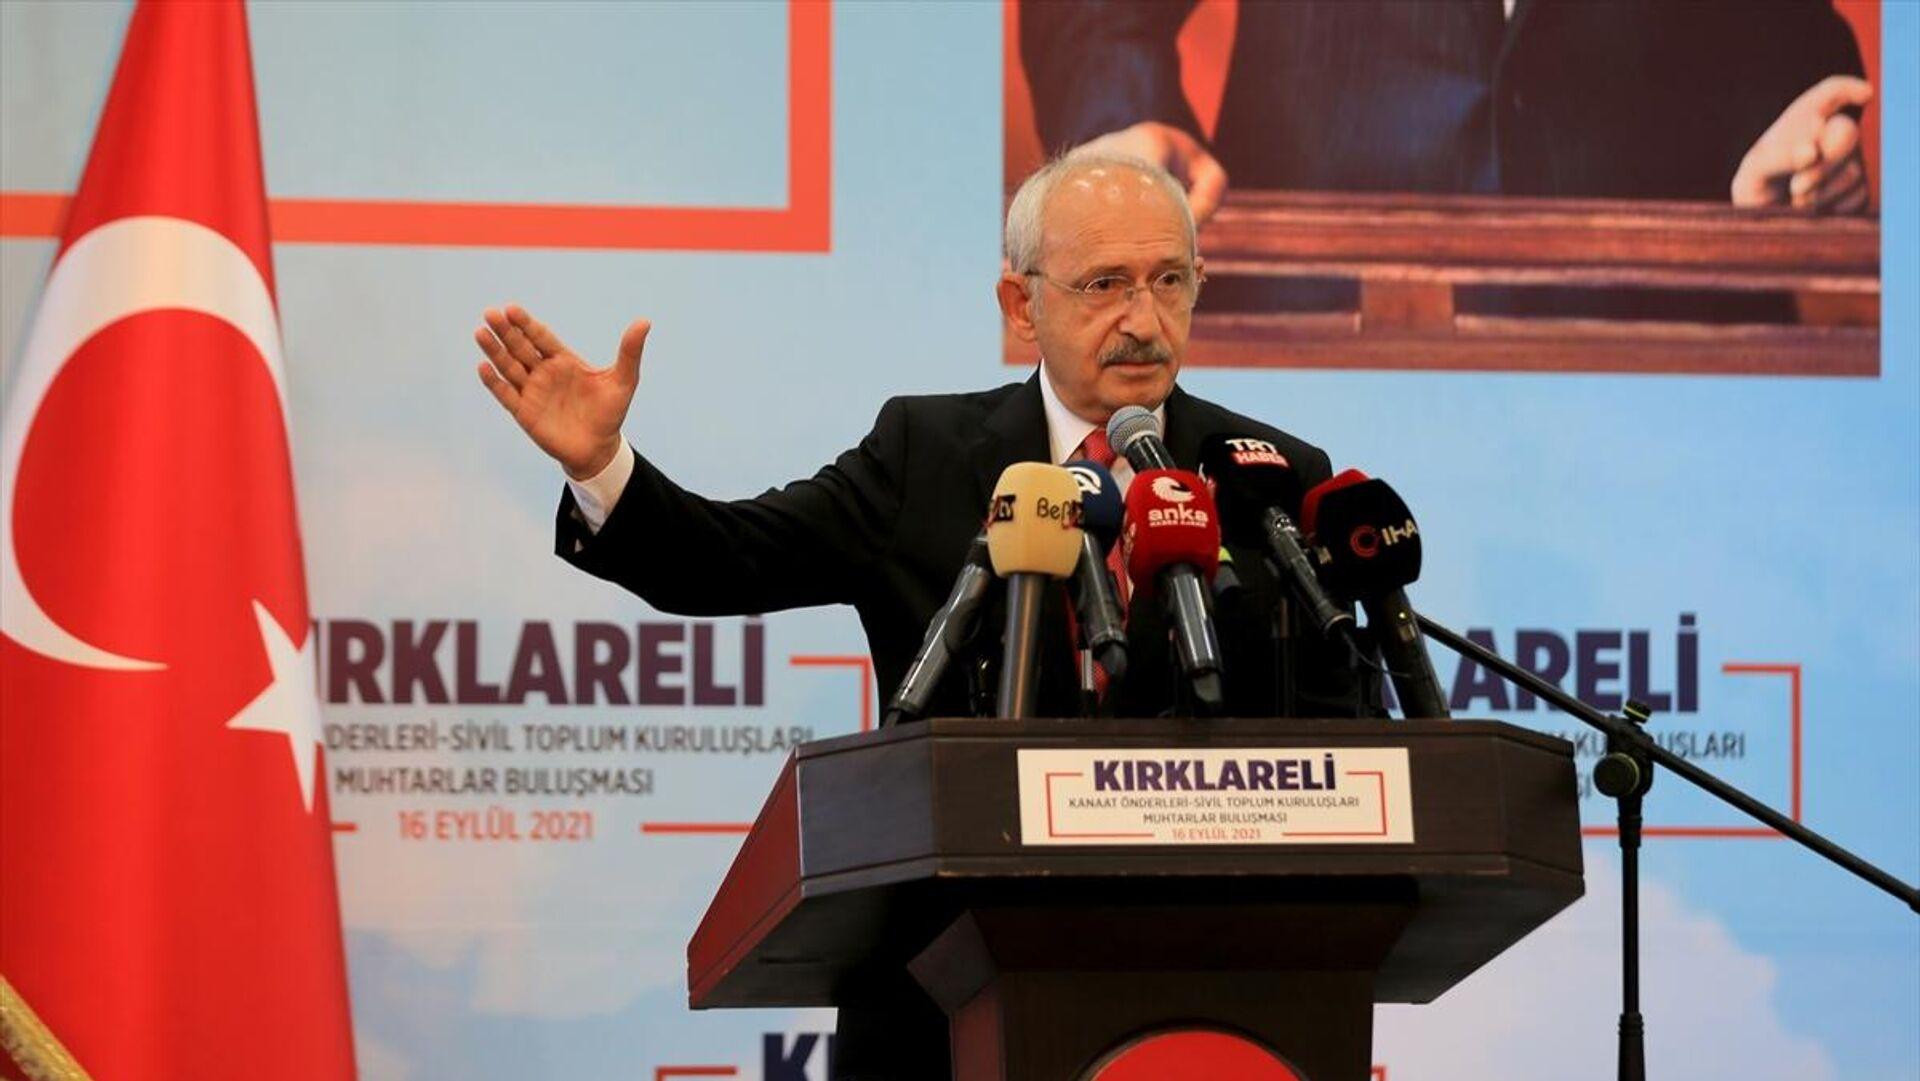 Kemal Kılıçdaroğlu - Sputnik Türkiye, 1920, 29.09.2021